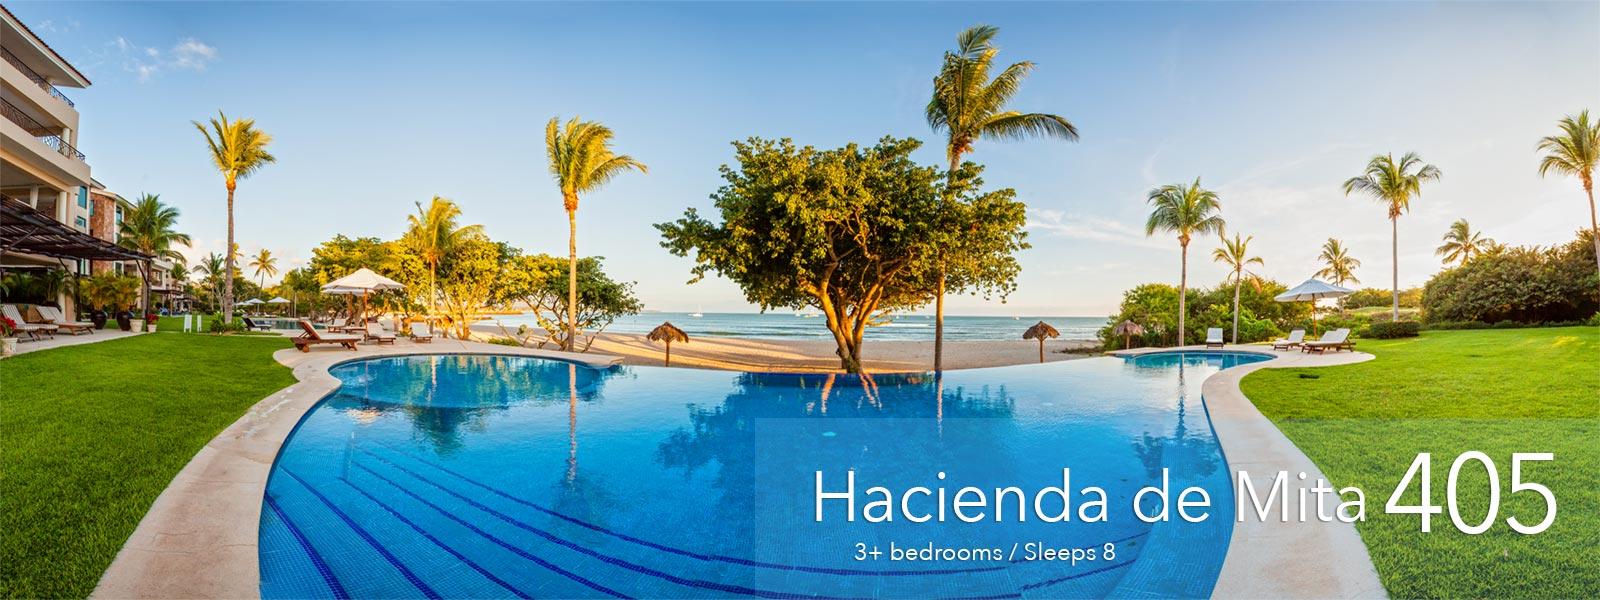 Hacienda de Mita 405 - Luxury Punta Mita Resort Condos, Mexico